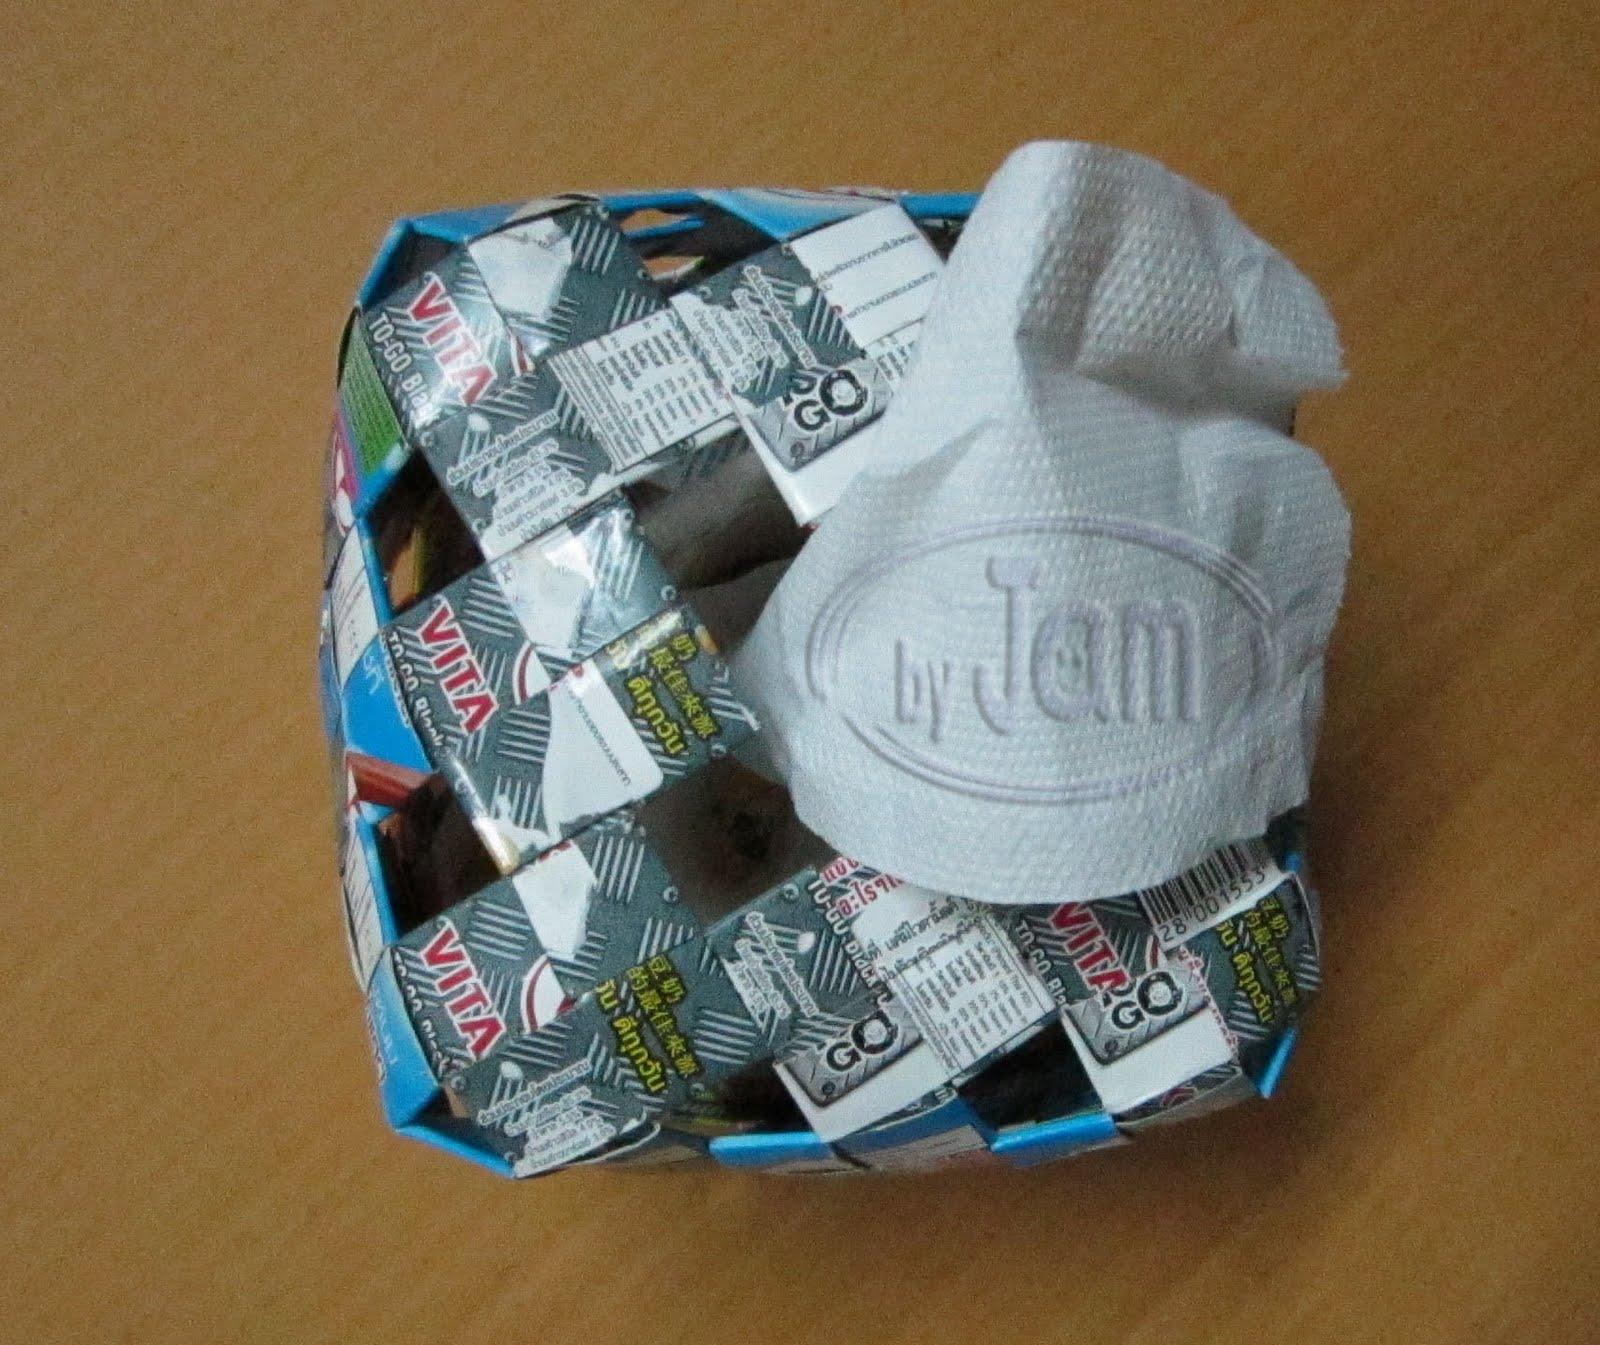 ไอเดียของใช้แล้ว,กล่องใส่ทิชชู จากกล่องนม,กล่องทิชชู กระดาษชำระ ทำจากกล่องนม